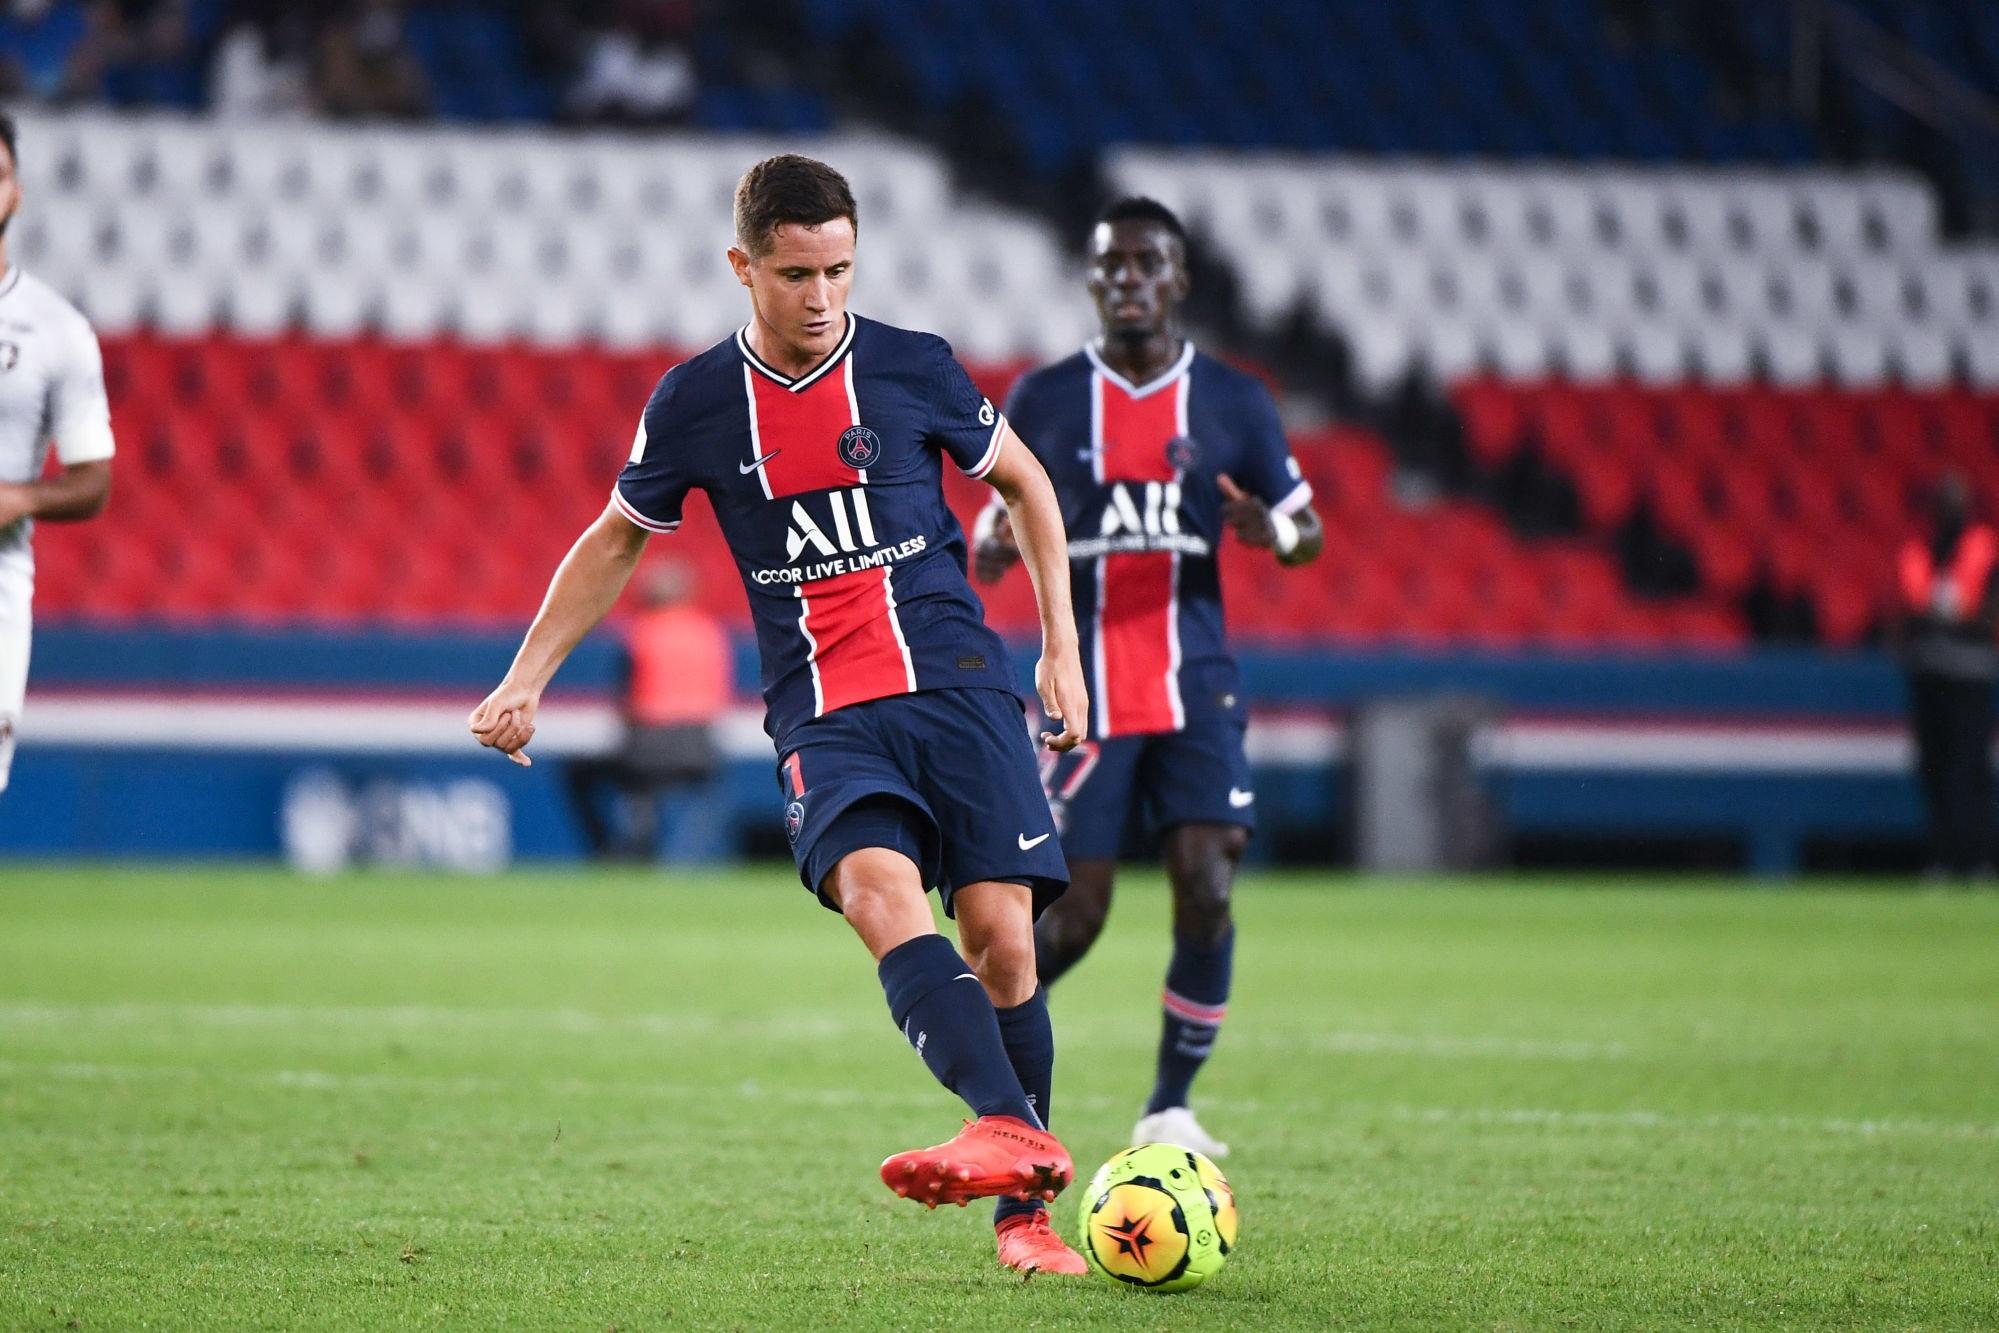 PSG/Montpellier - Herrera et Dagba toujours absents de l'entraînement